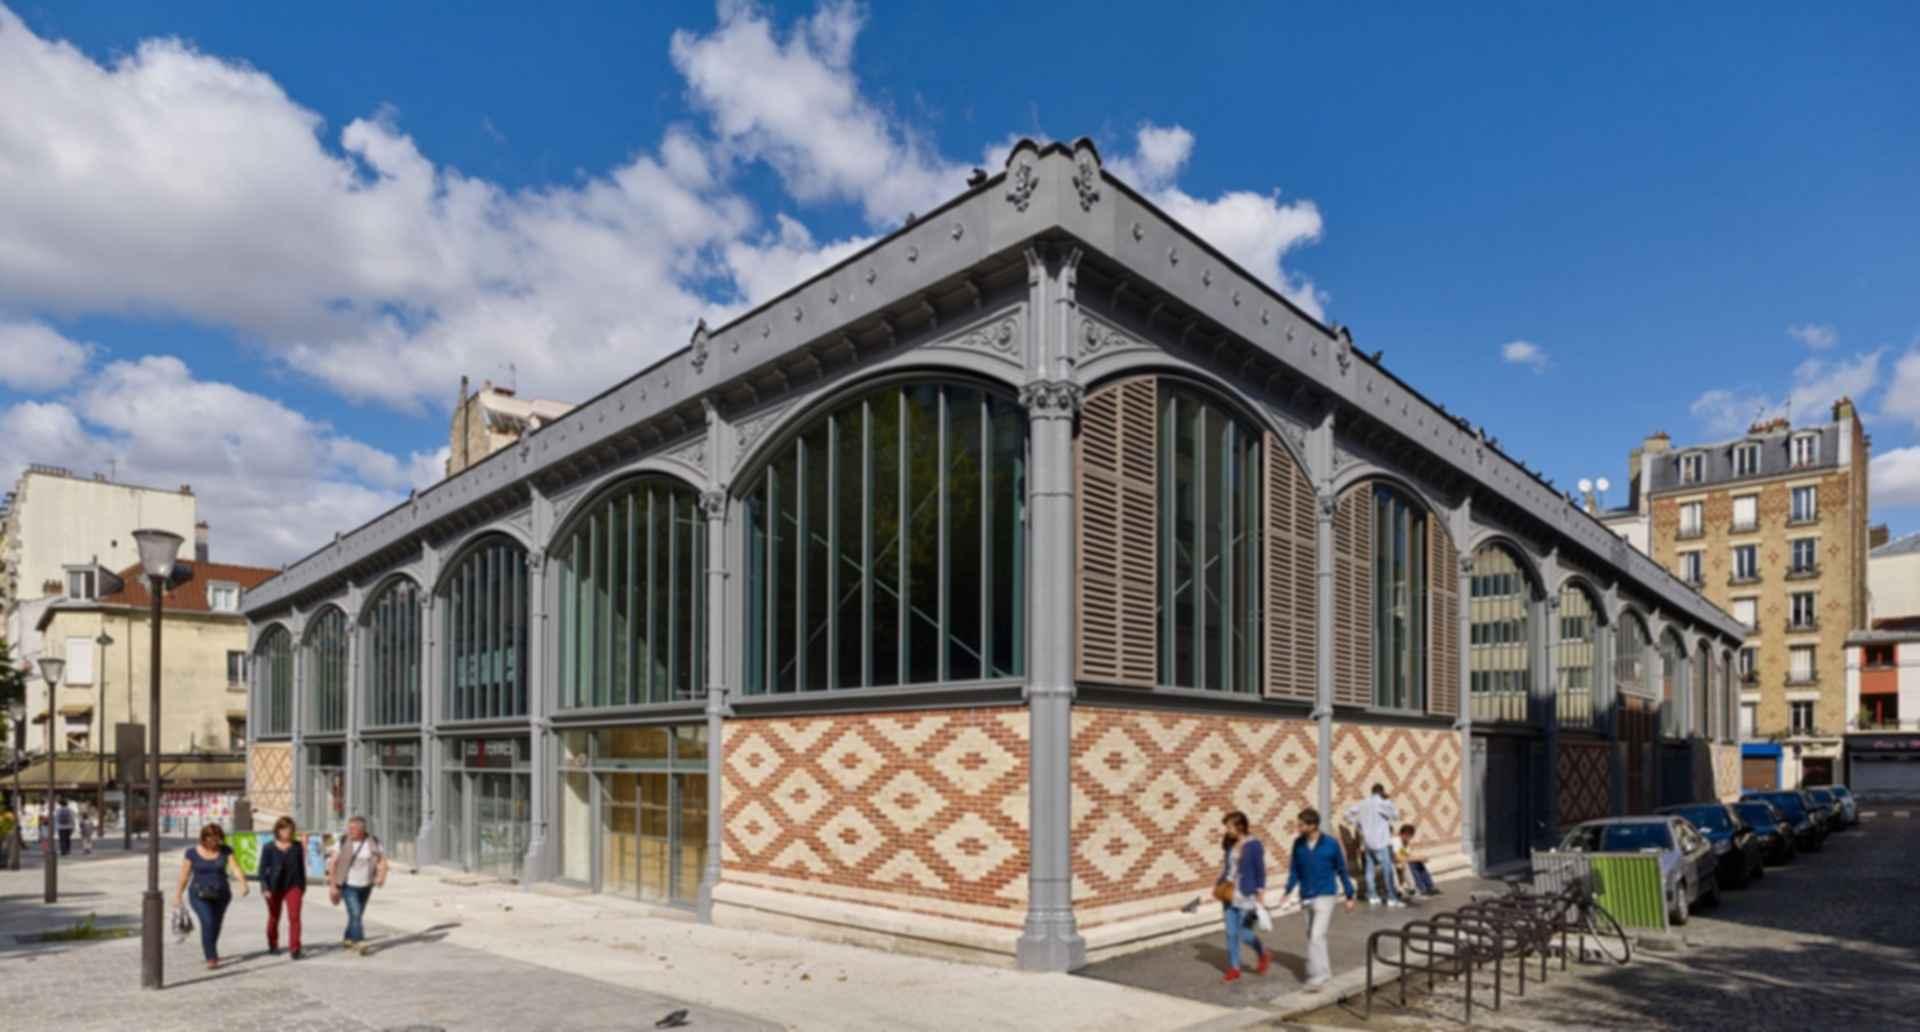 Secretan Covered Market - facade